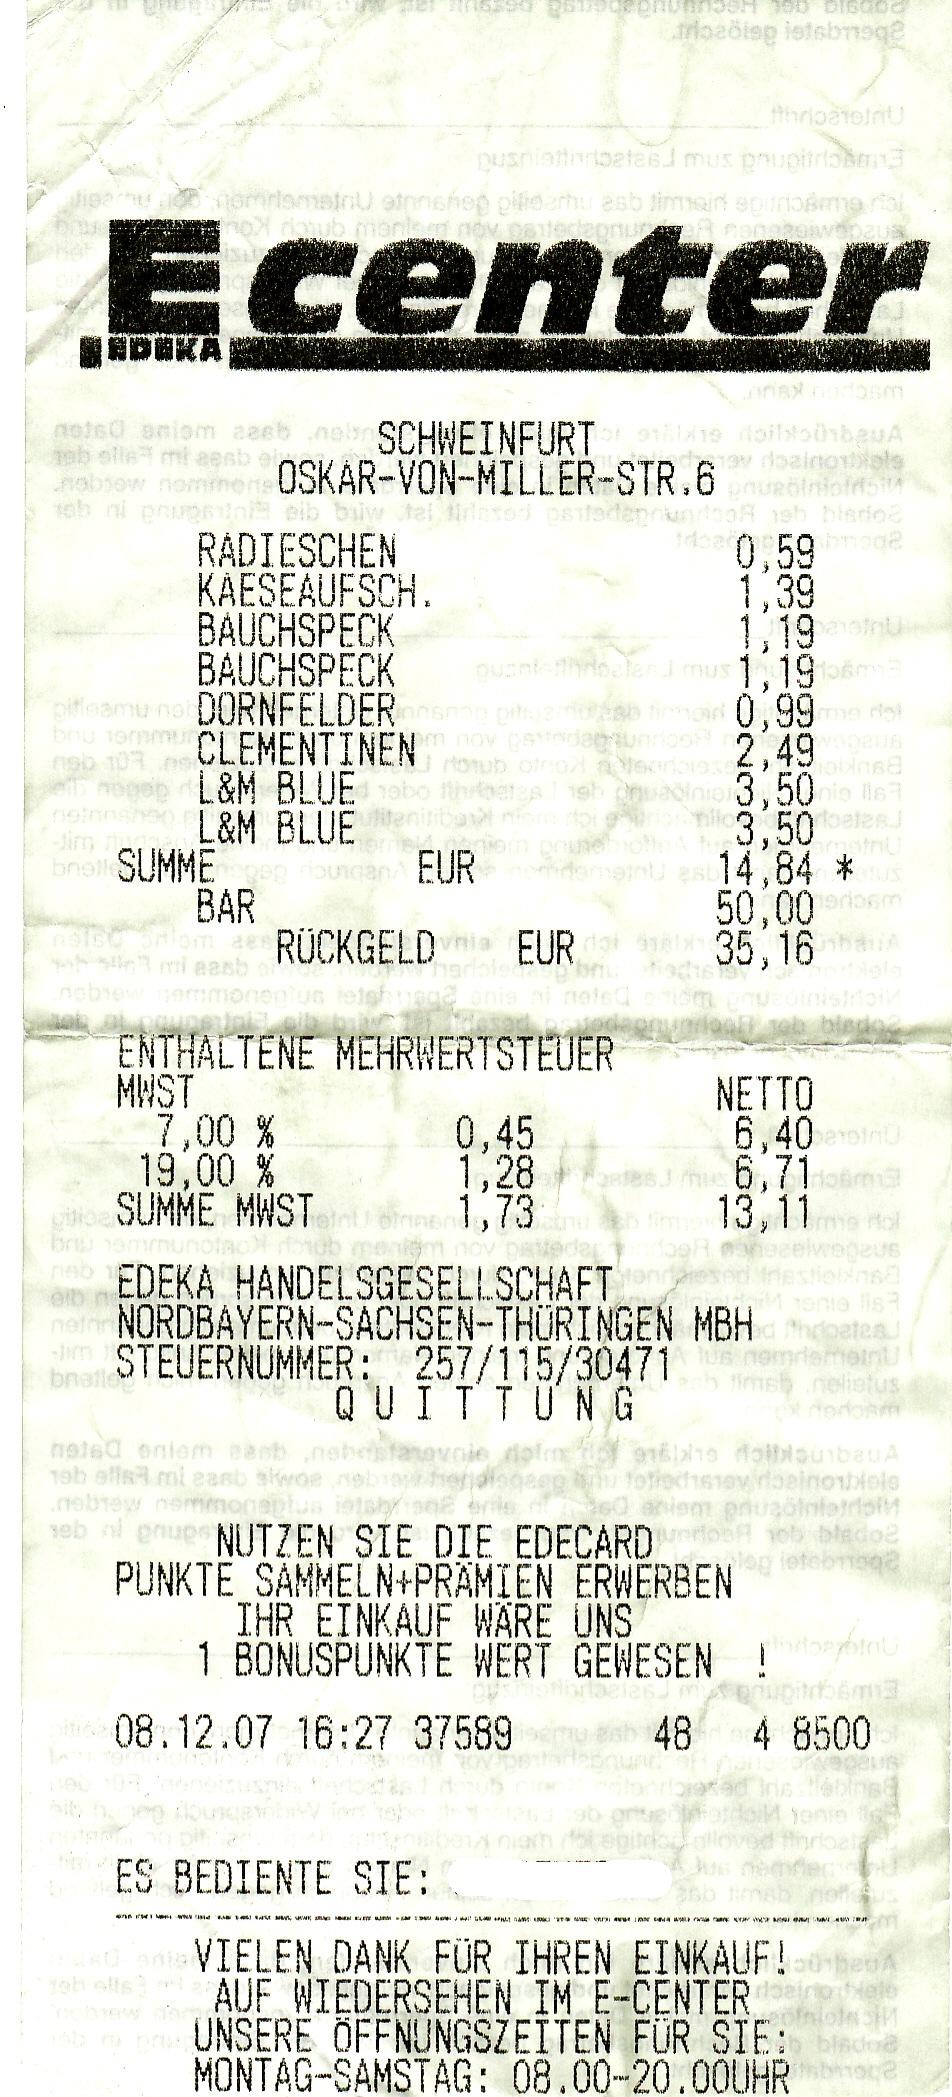 paysafecard gutschein kaufen